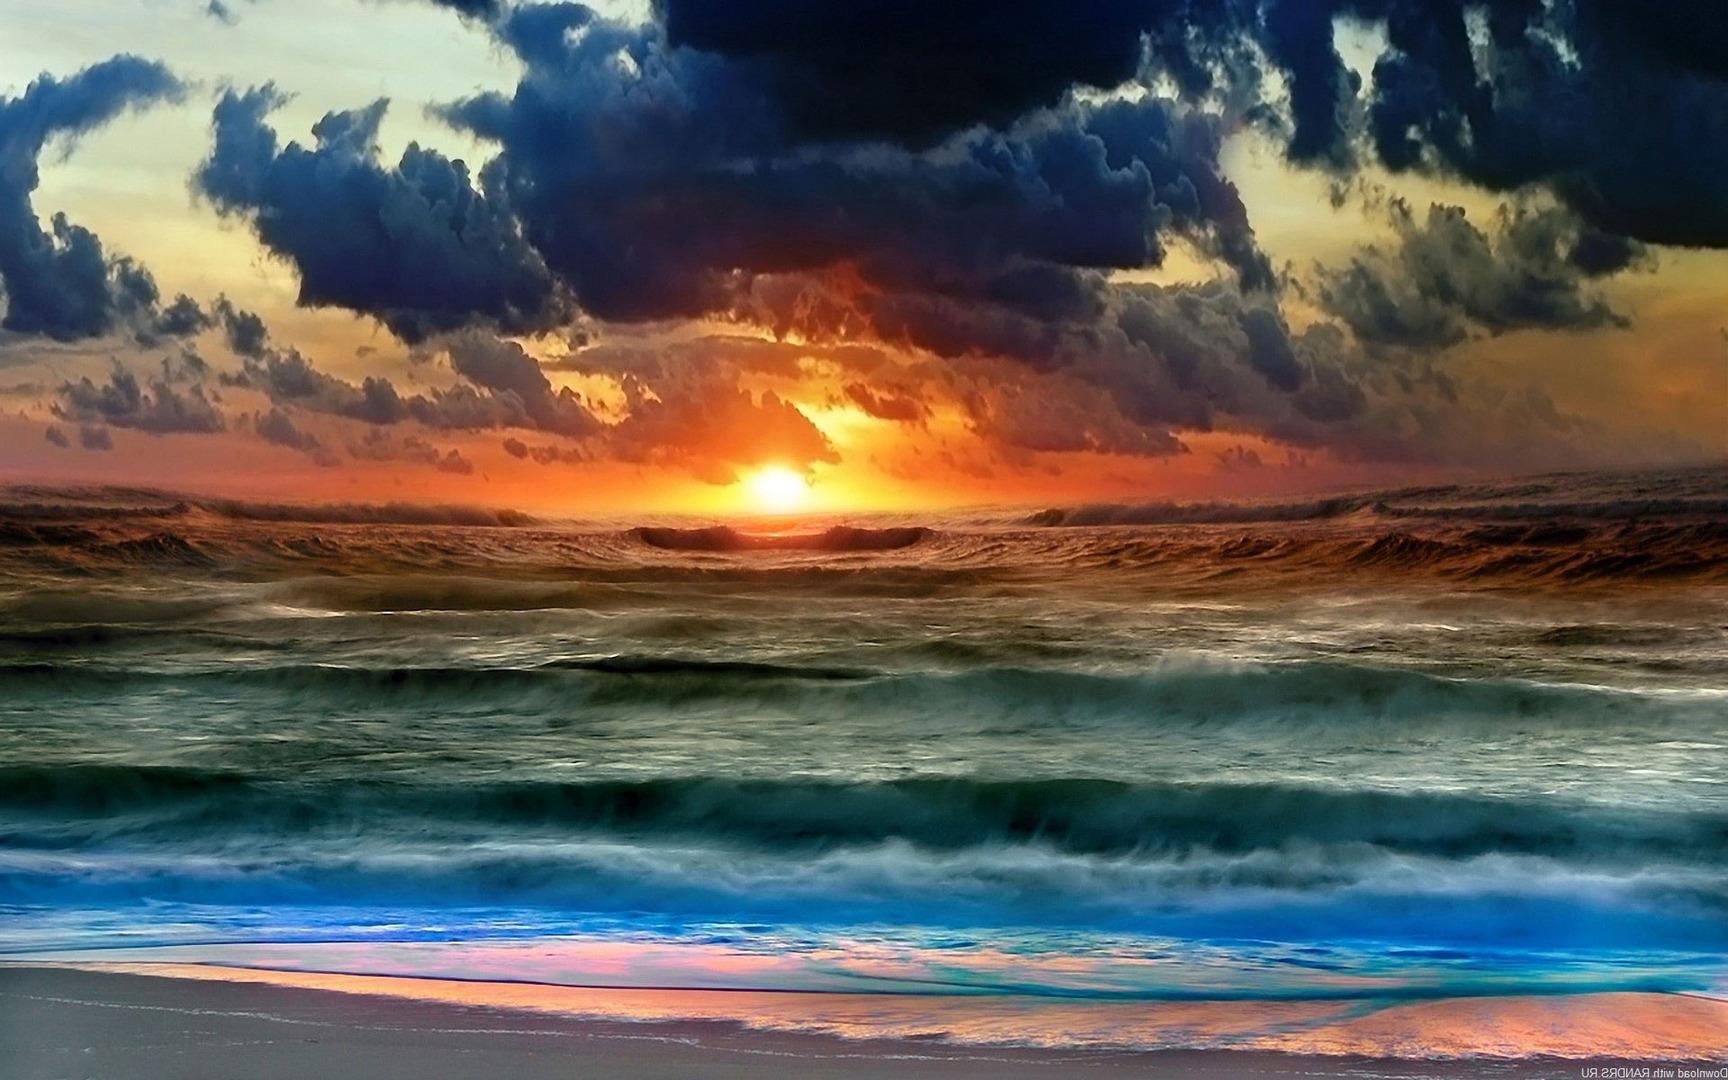 1080p wallpaper ocean wallpapersafari for Wallpaper sources